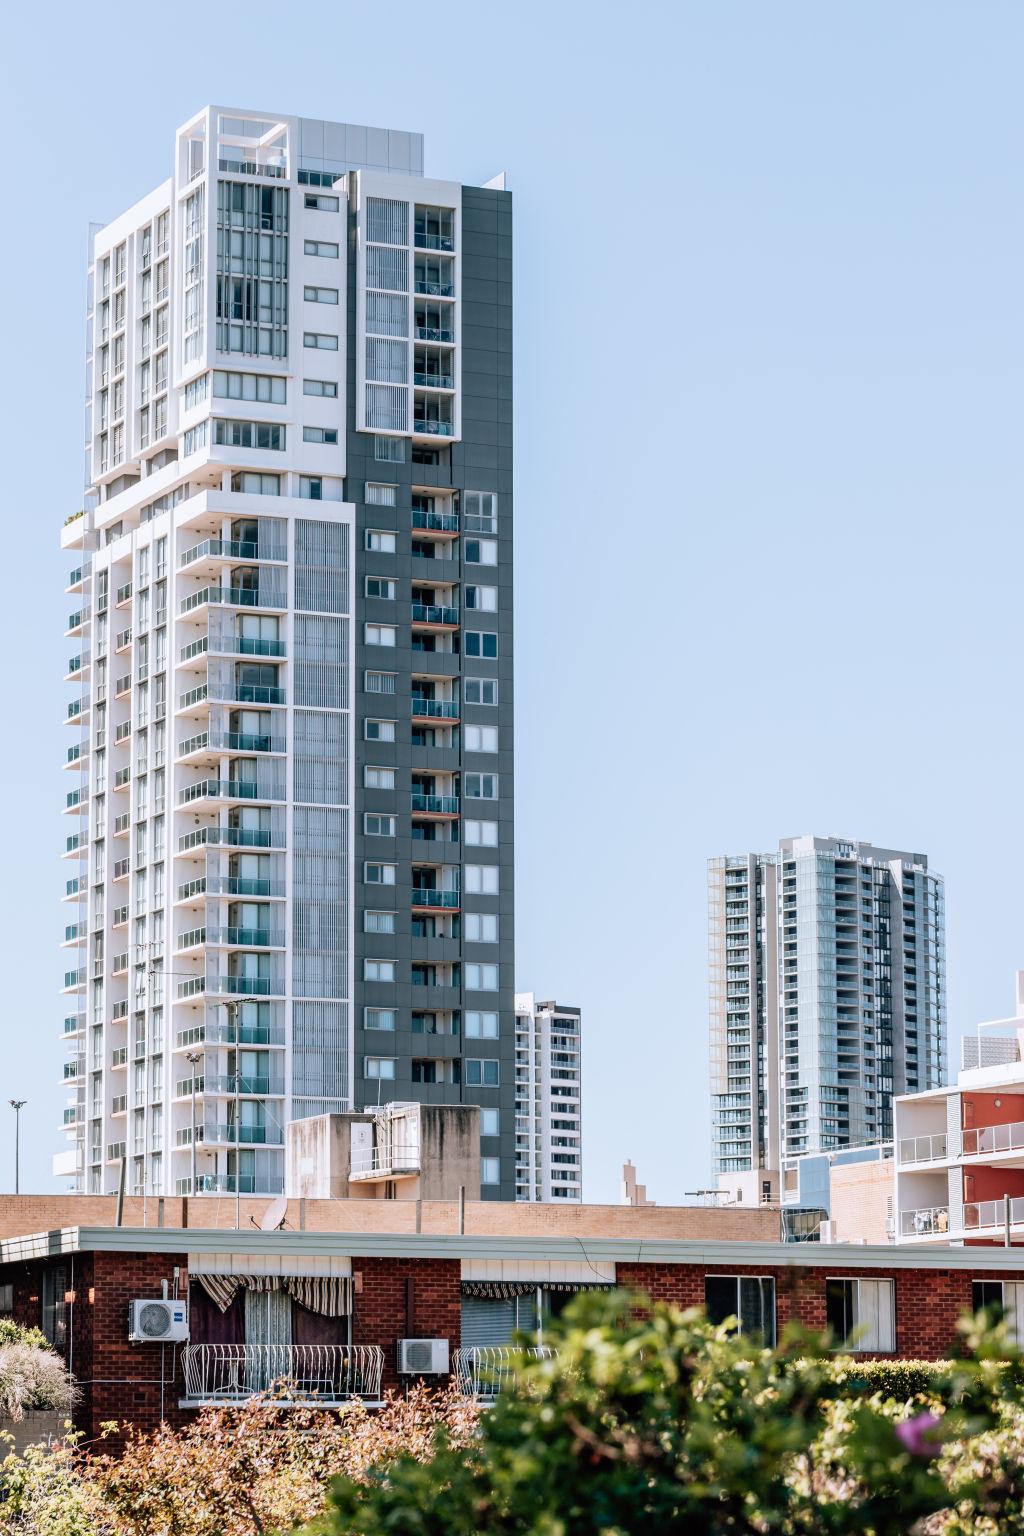 Neighborhood_Parramatta_Photographer_Vaida_Savickaite-10_glkses